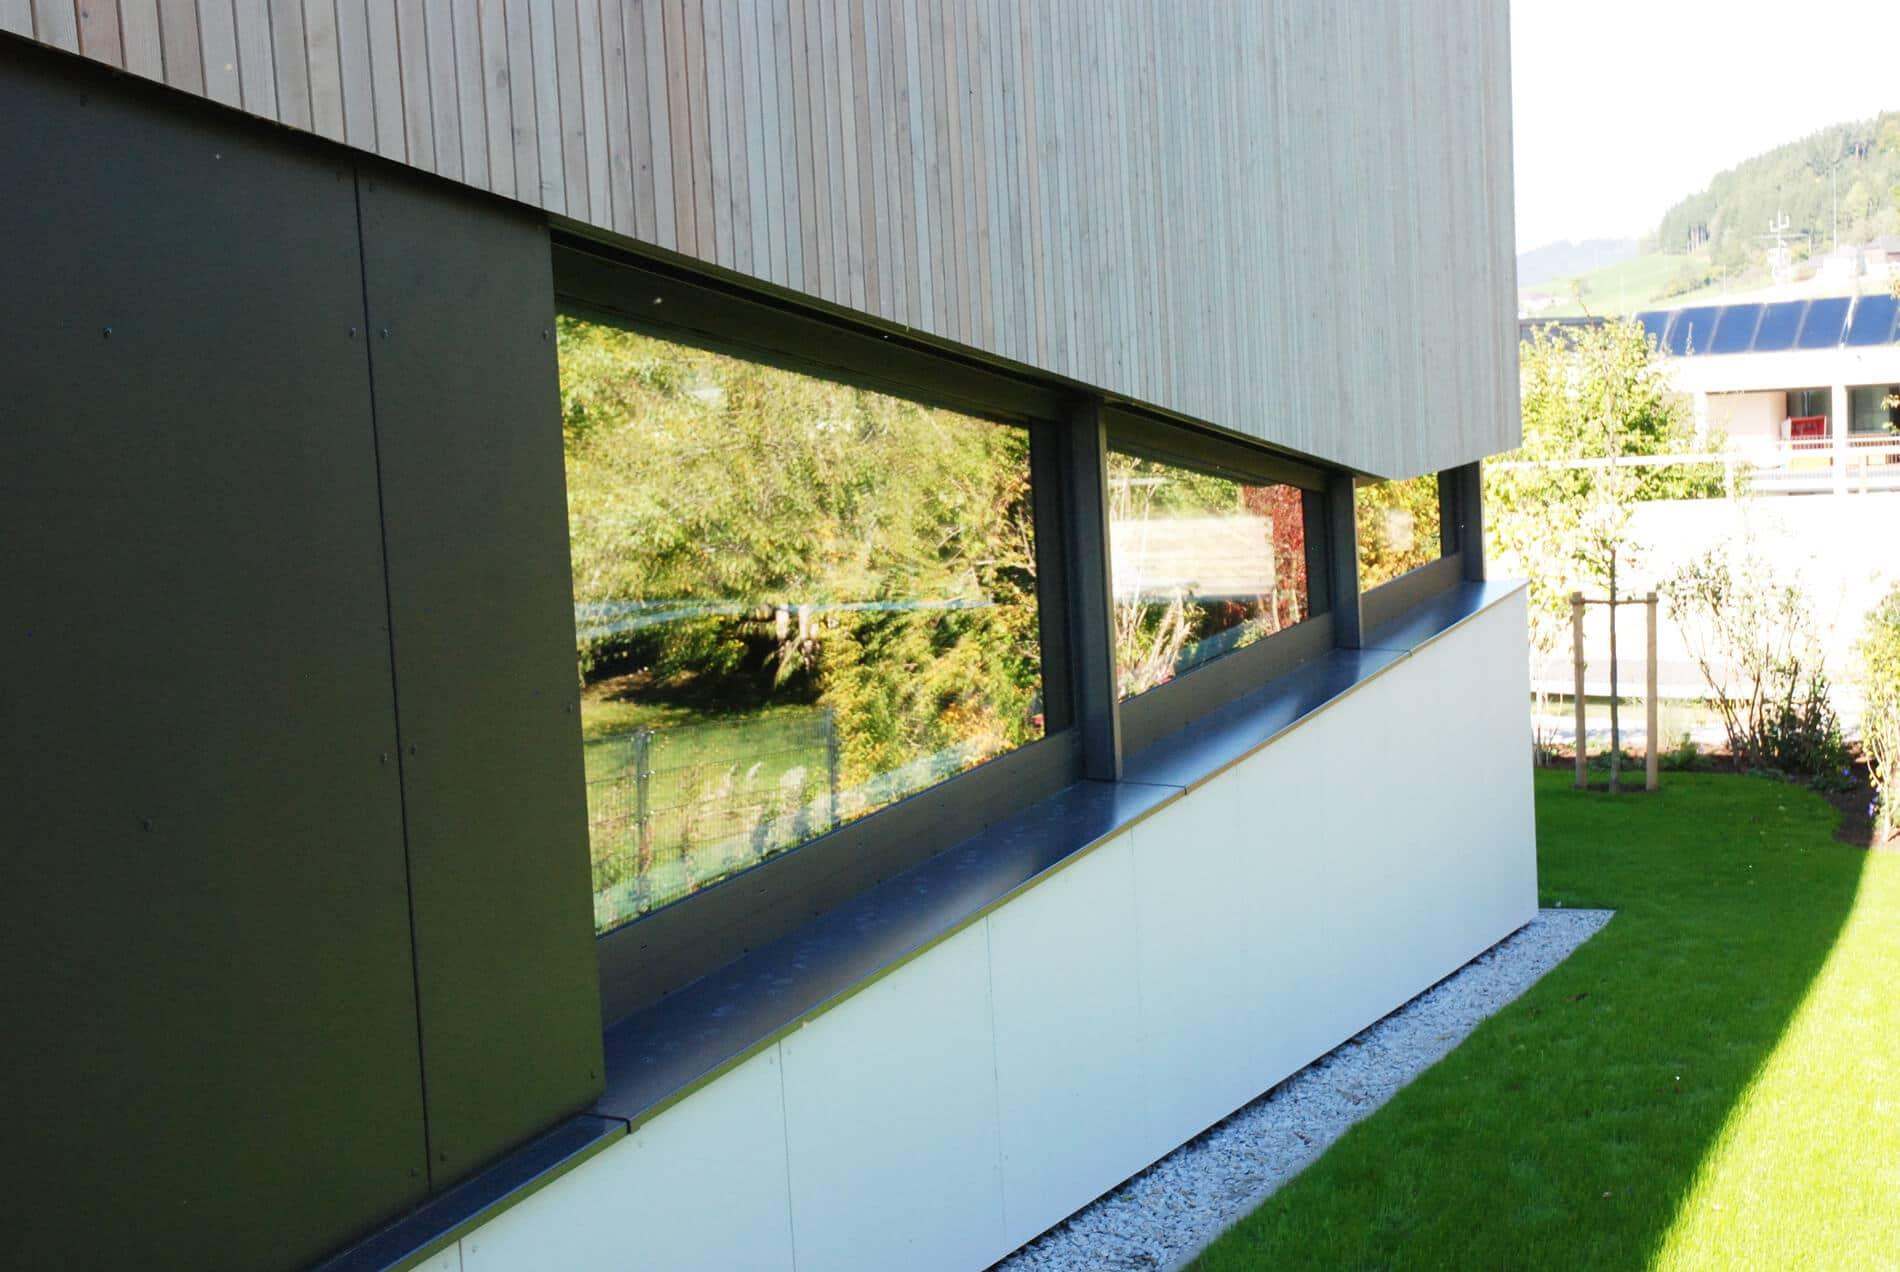 Aluminium Schrägfenster für Wellnessraum